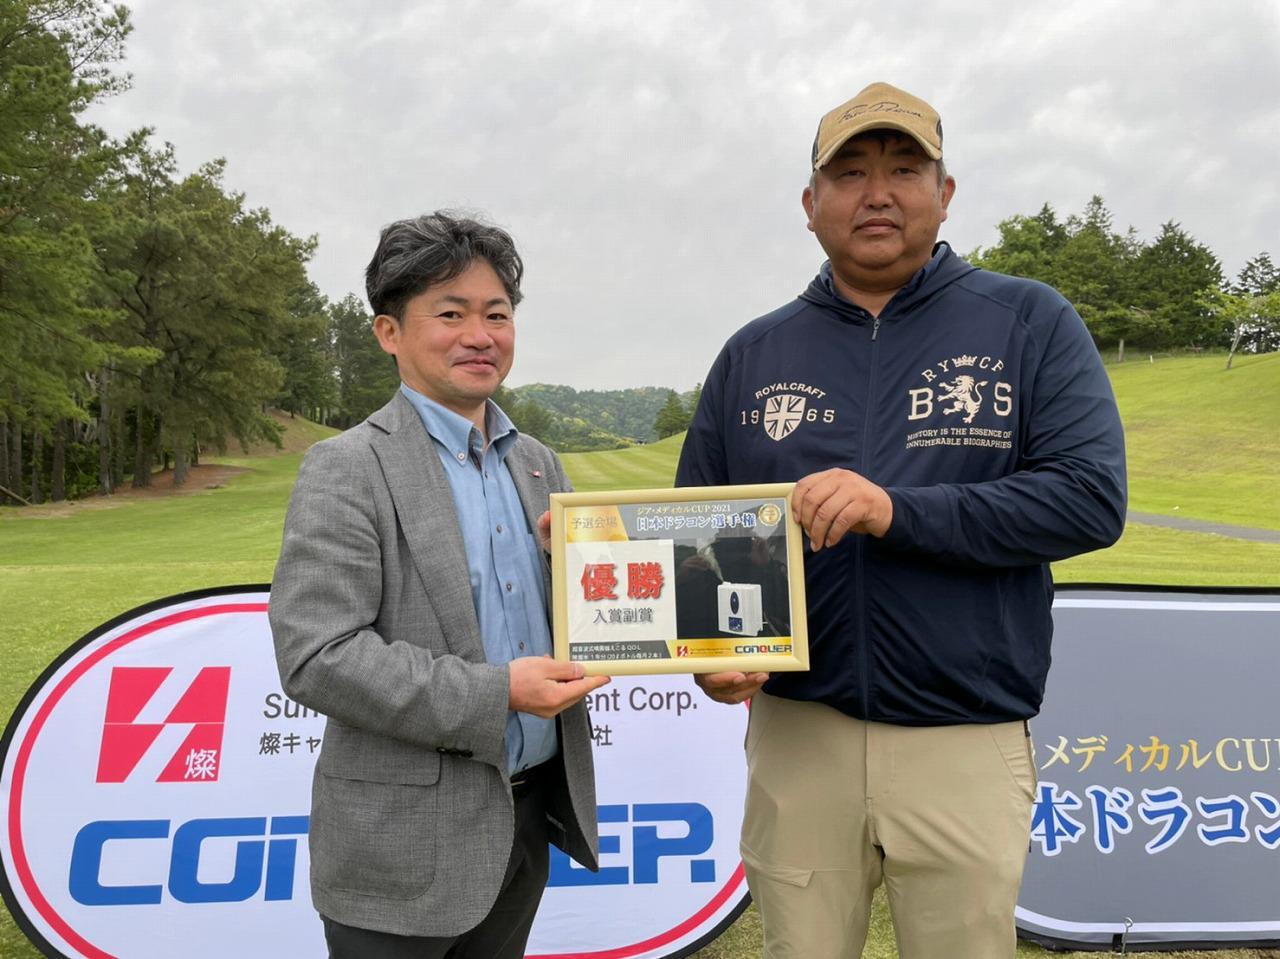 画像: 第8予選、第9予選 シニア(50+)優勝 山田 選手